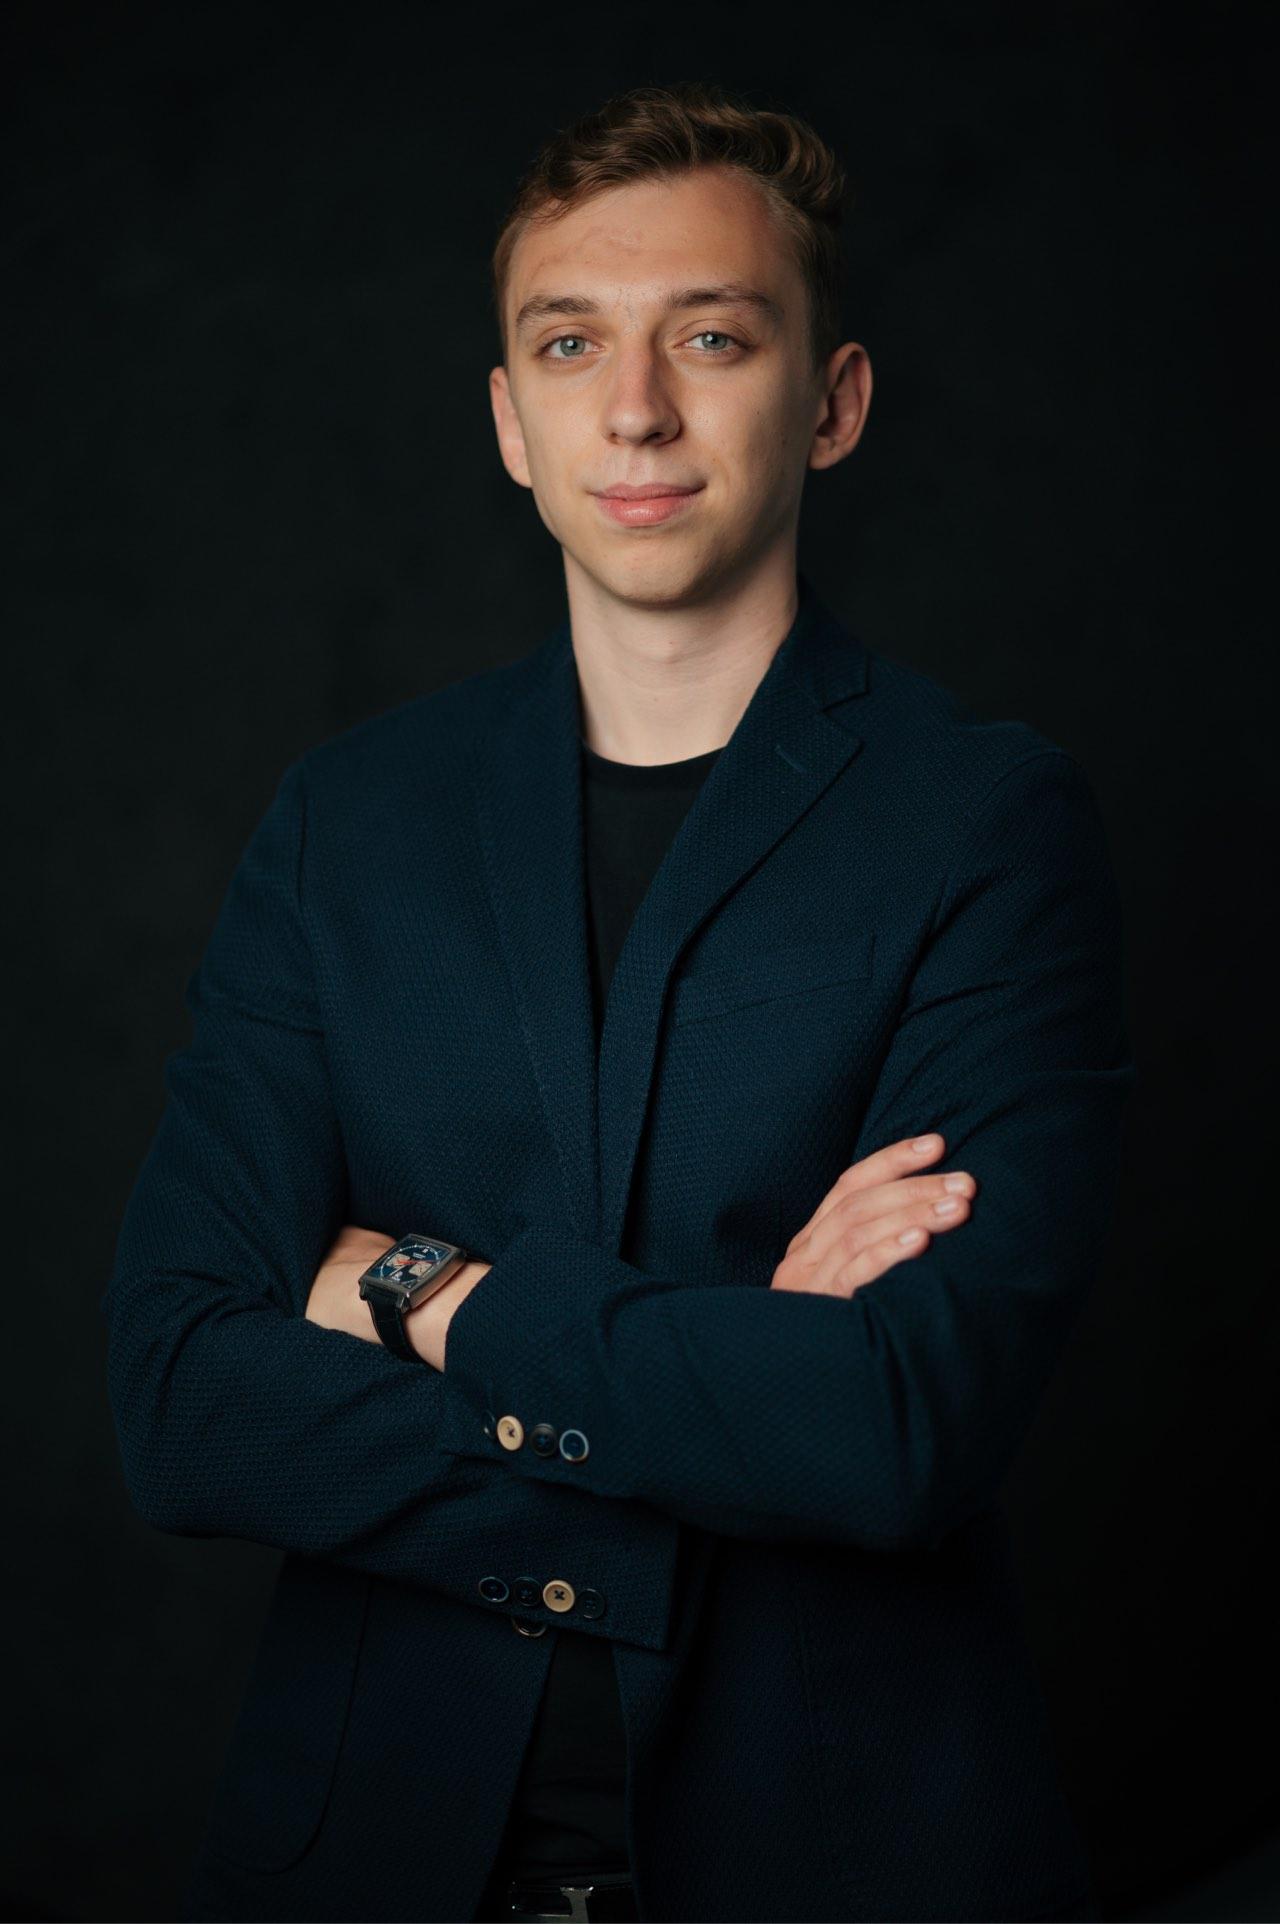 Alexander Schad Geschäftsführer von ATLAS Media GmbH